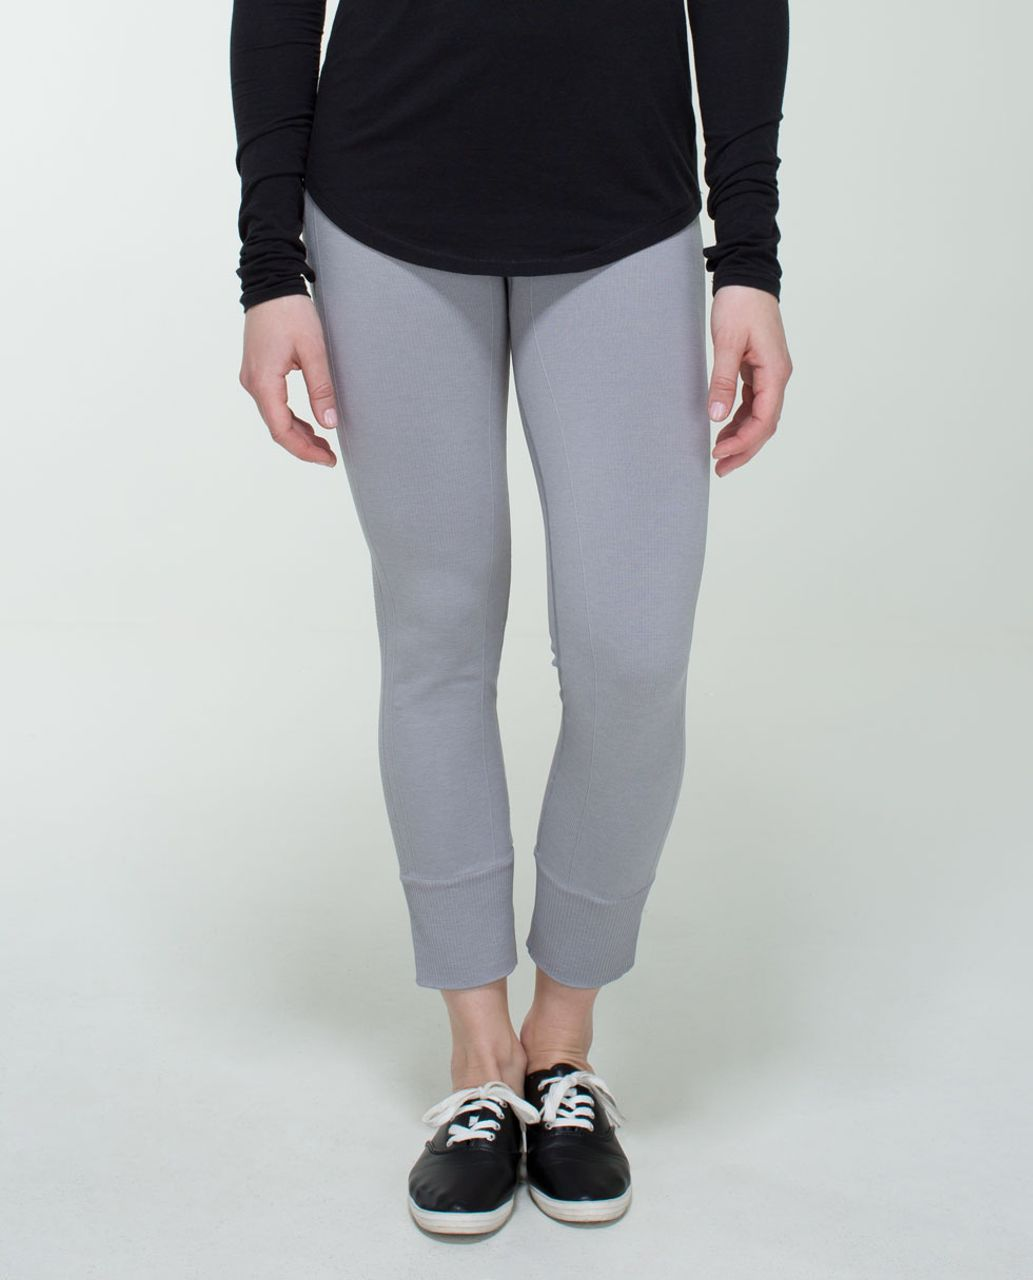 Lululemon Ebb To Street Pant - Heathered Medium Grey